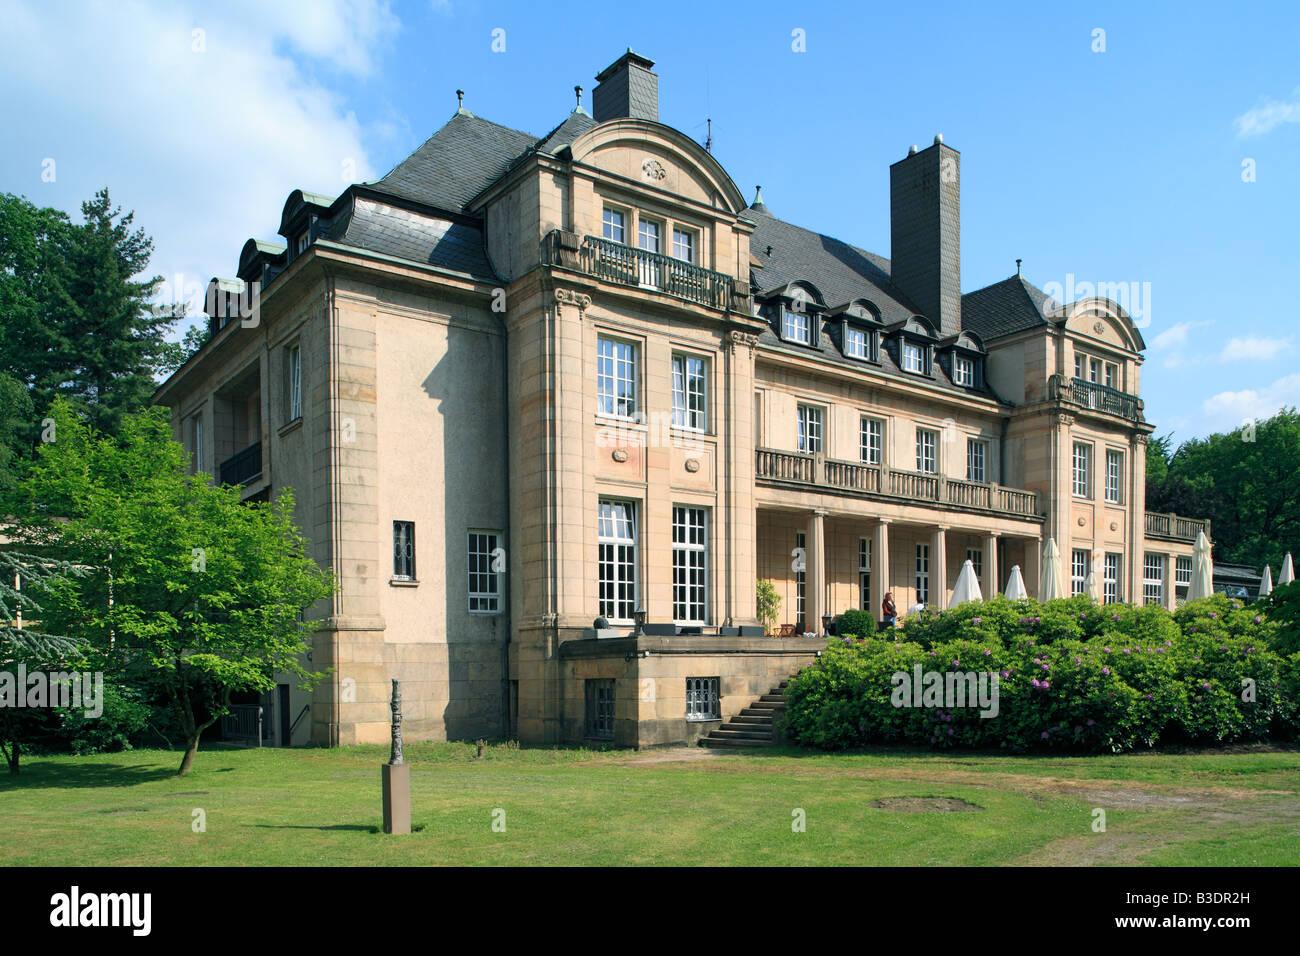 Route Der Industriekultur, Haus Kuechen In Muelheim Broich, Dr. Gerhard  Kuechen,